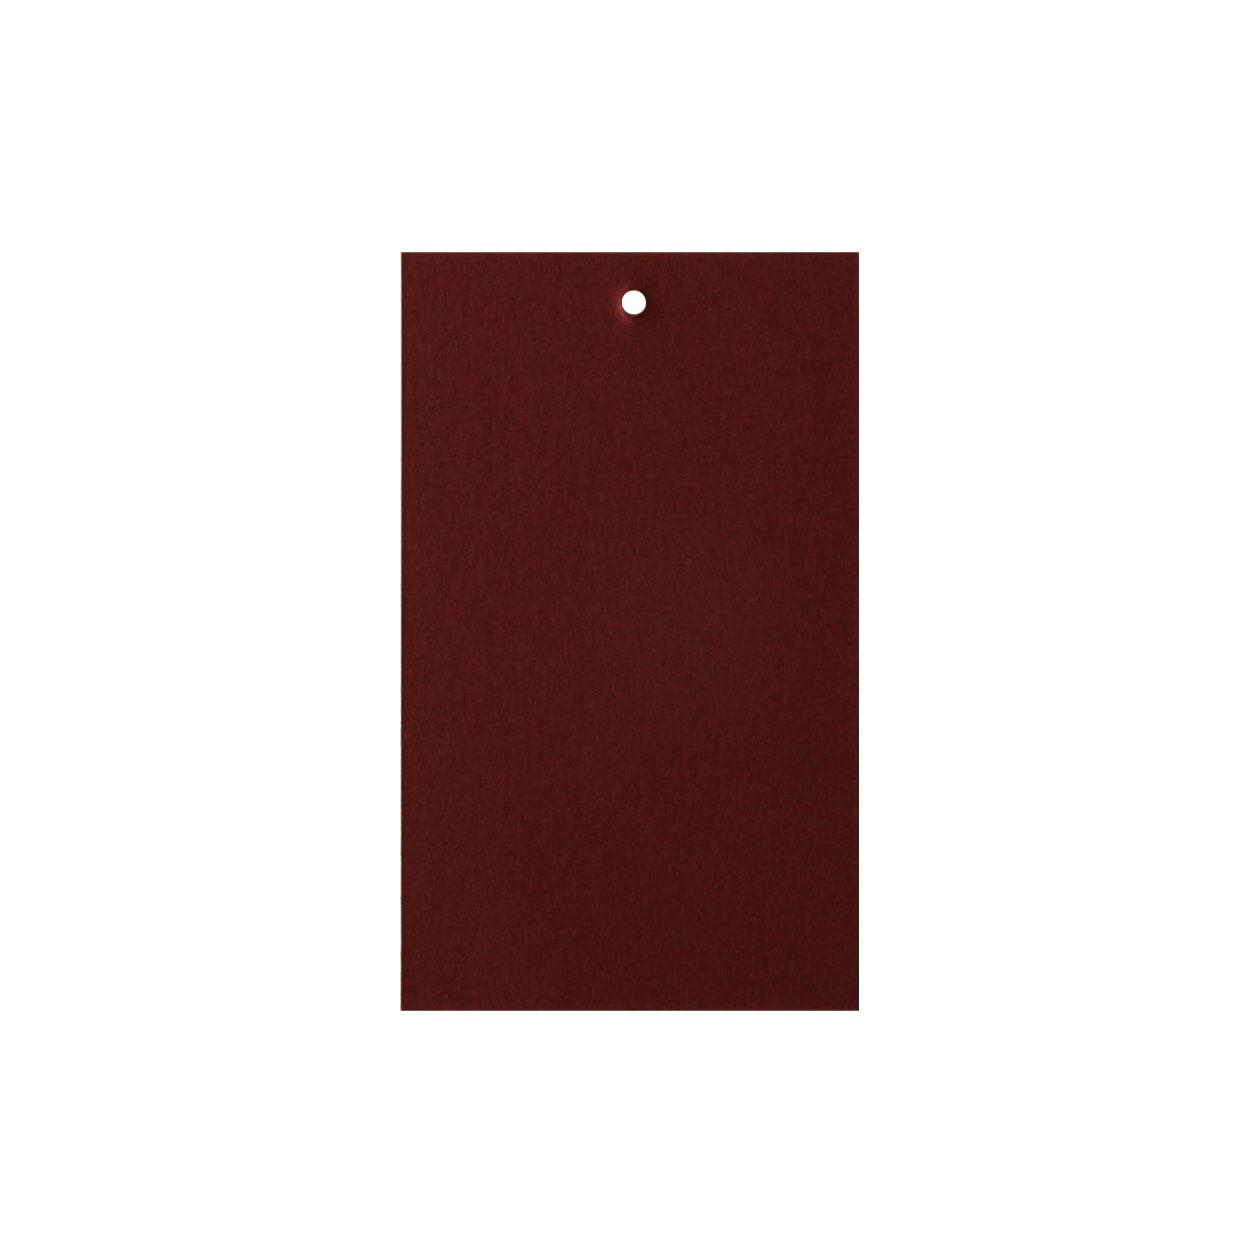 サンプル カード・シート 00064